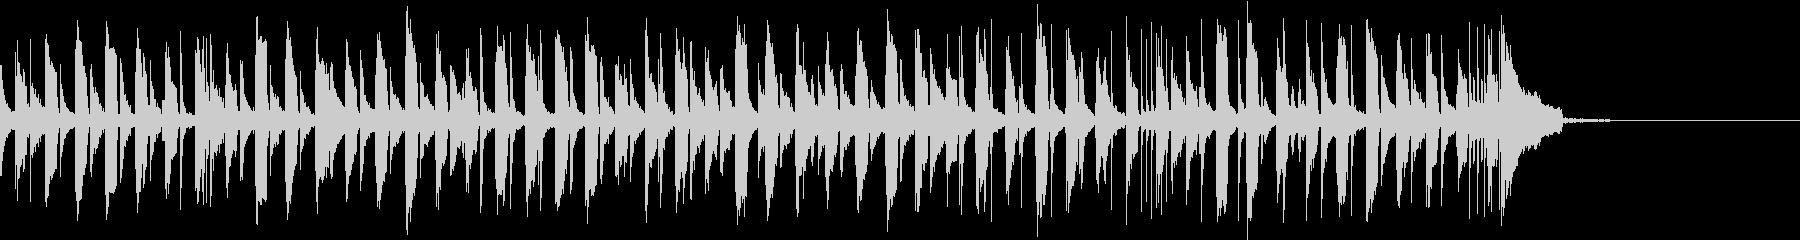 ウクレレ&トイピアノのかわいいジングルの未再生の波形